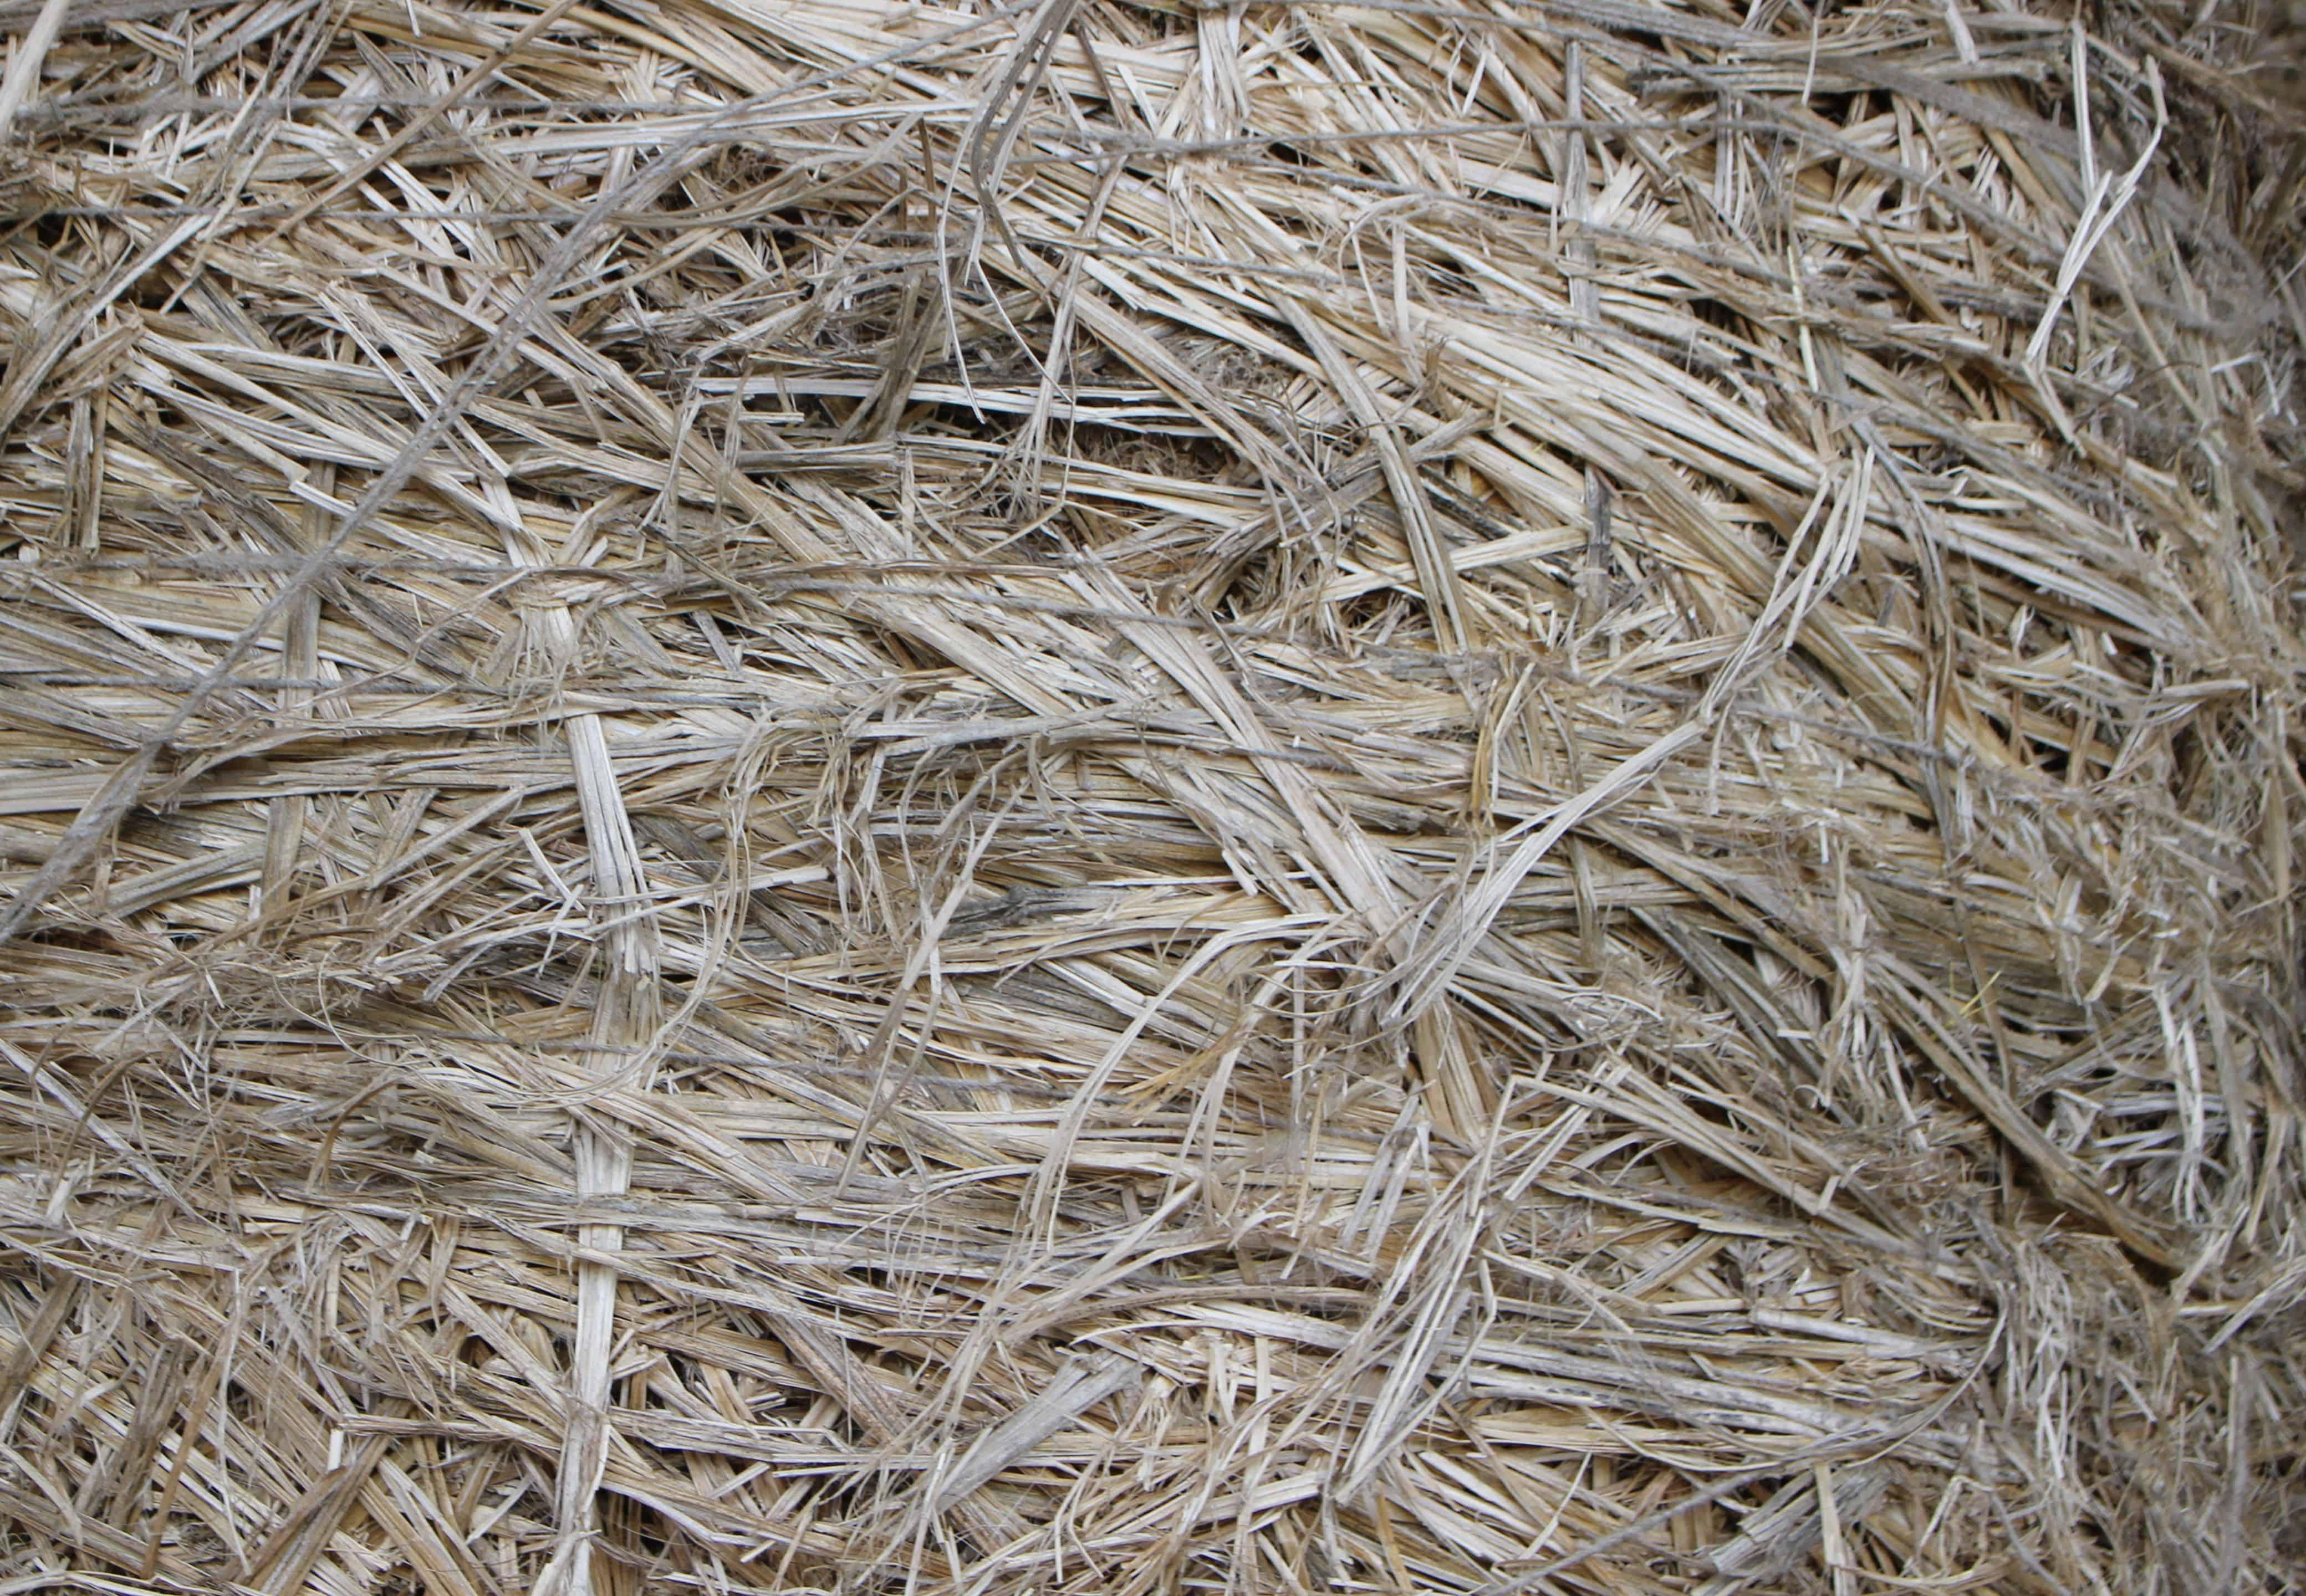 la fibre de chanvre est recherchée pour sa solidité